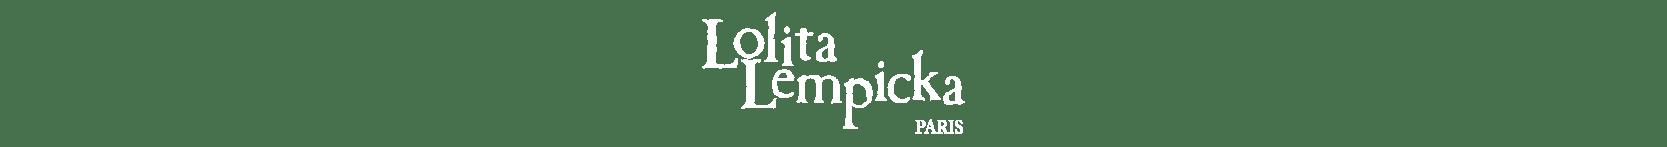 Lolita Lempicka Brand Logo